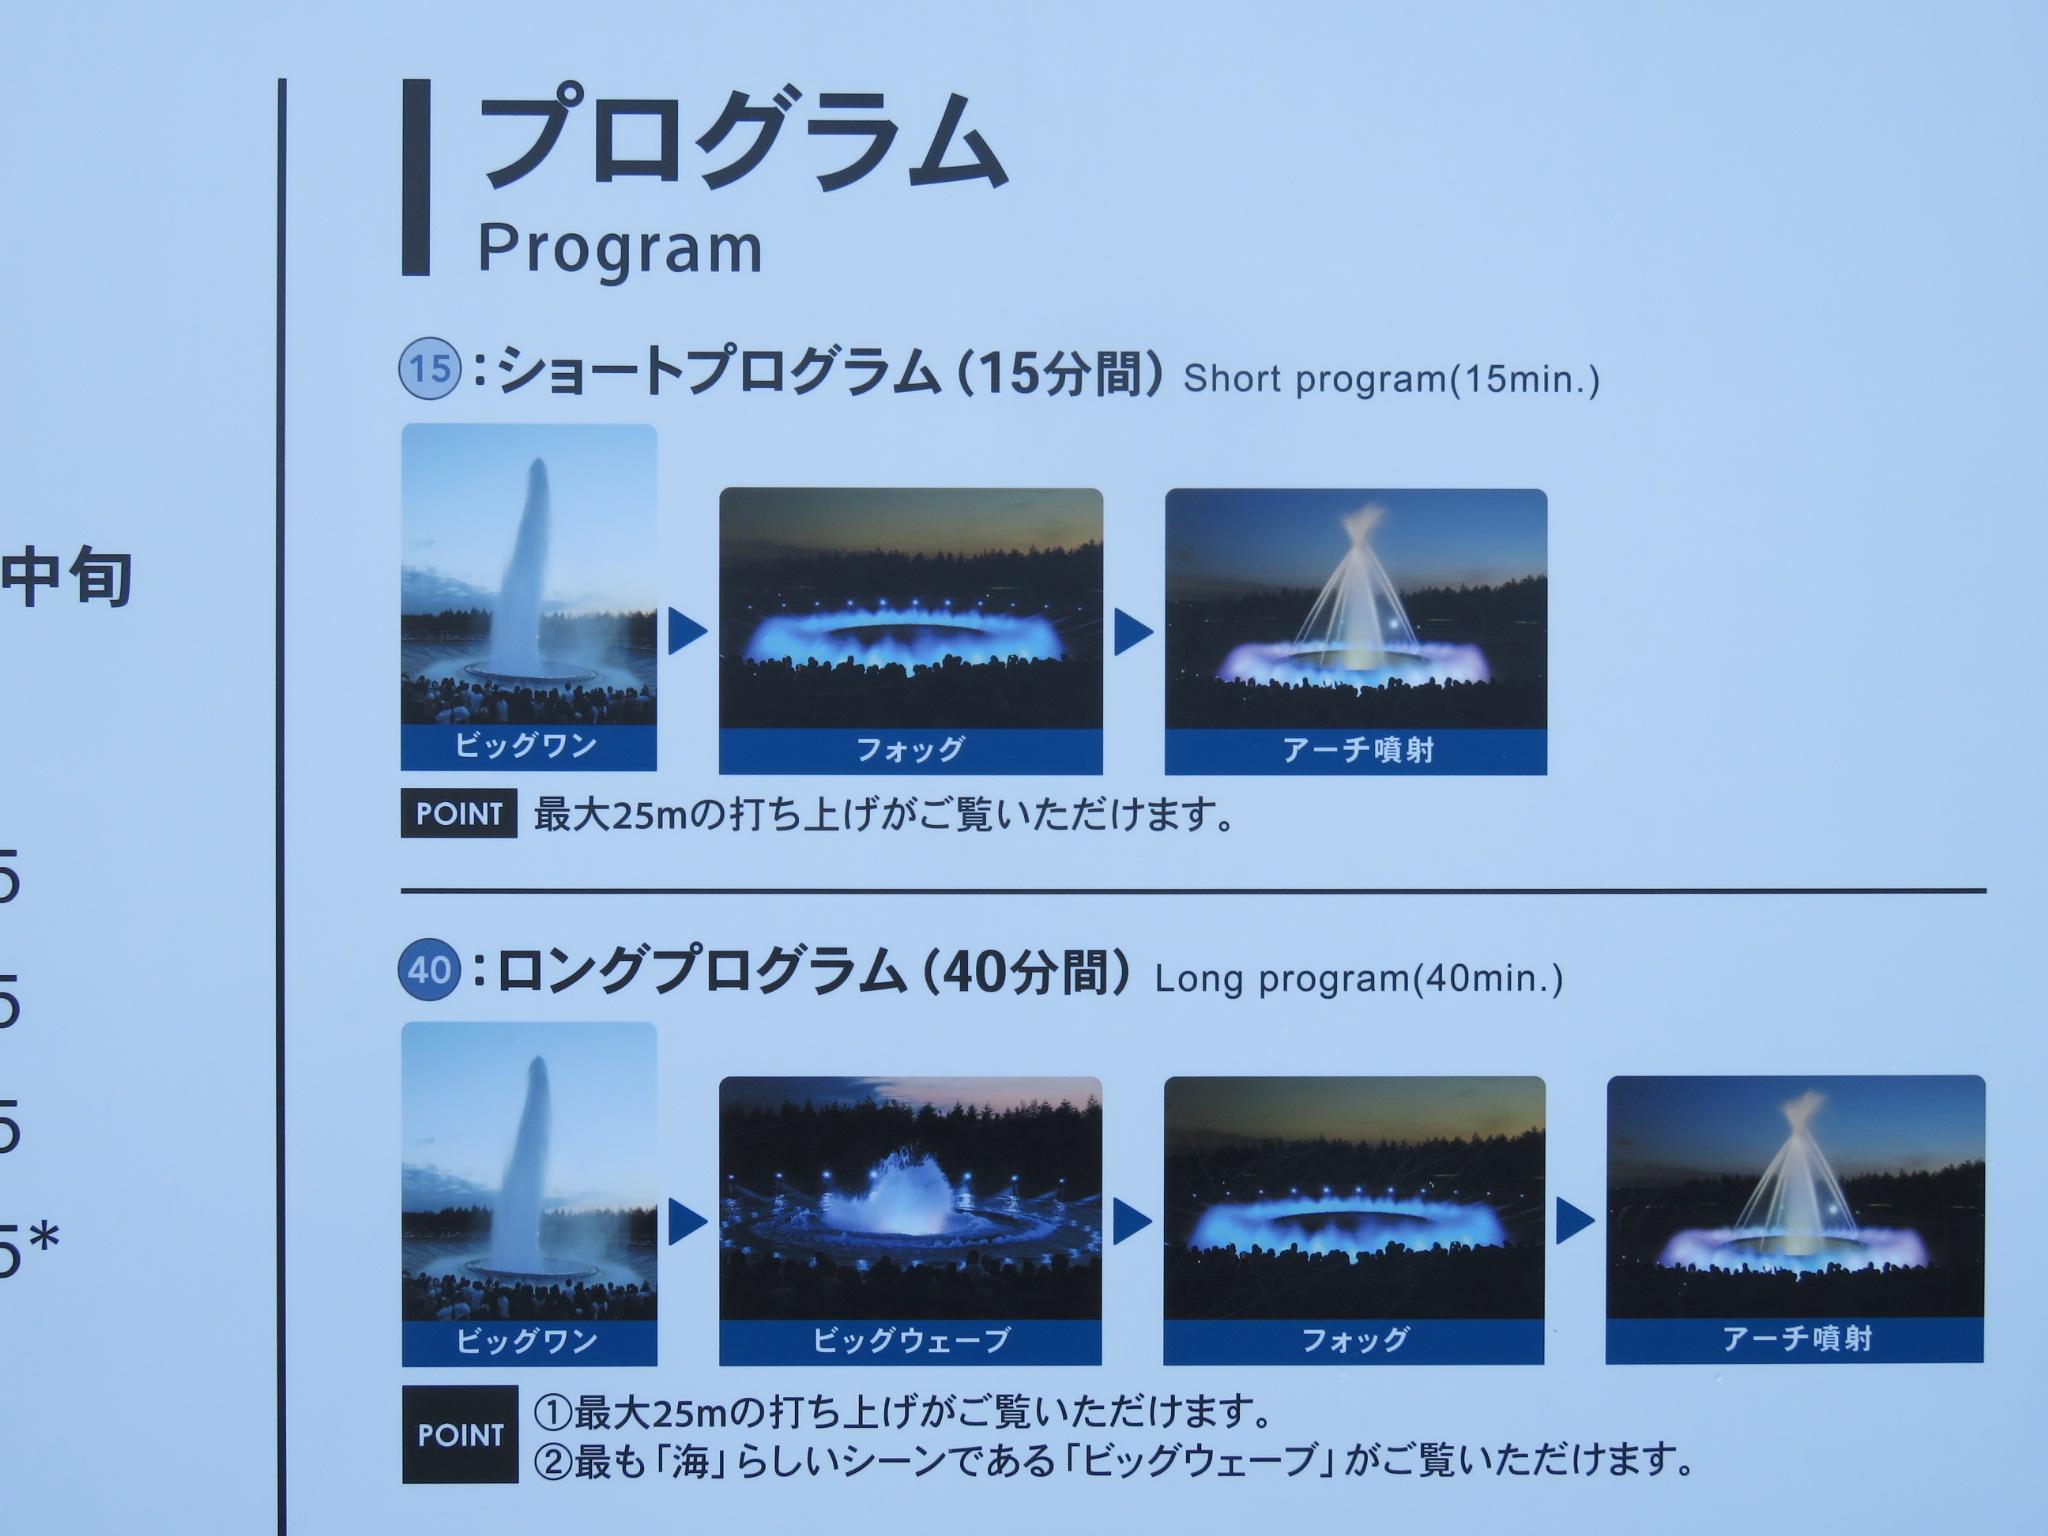 噴水プログラム